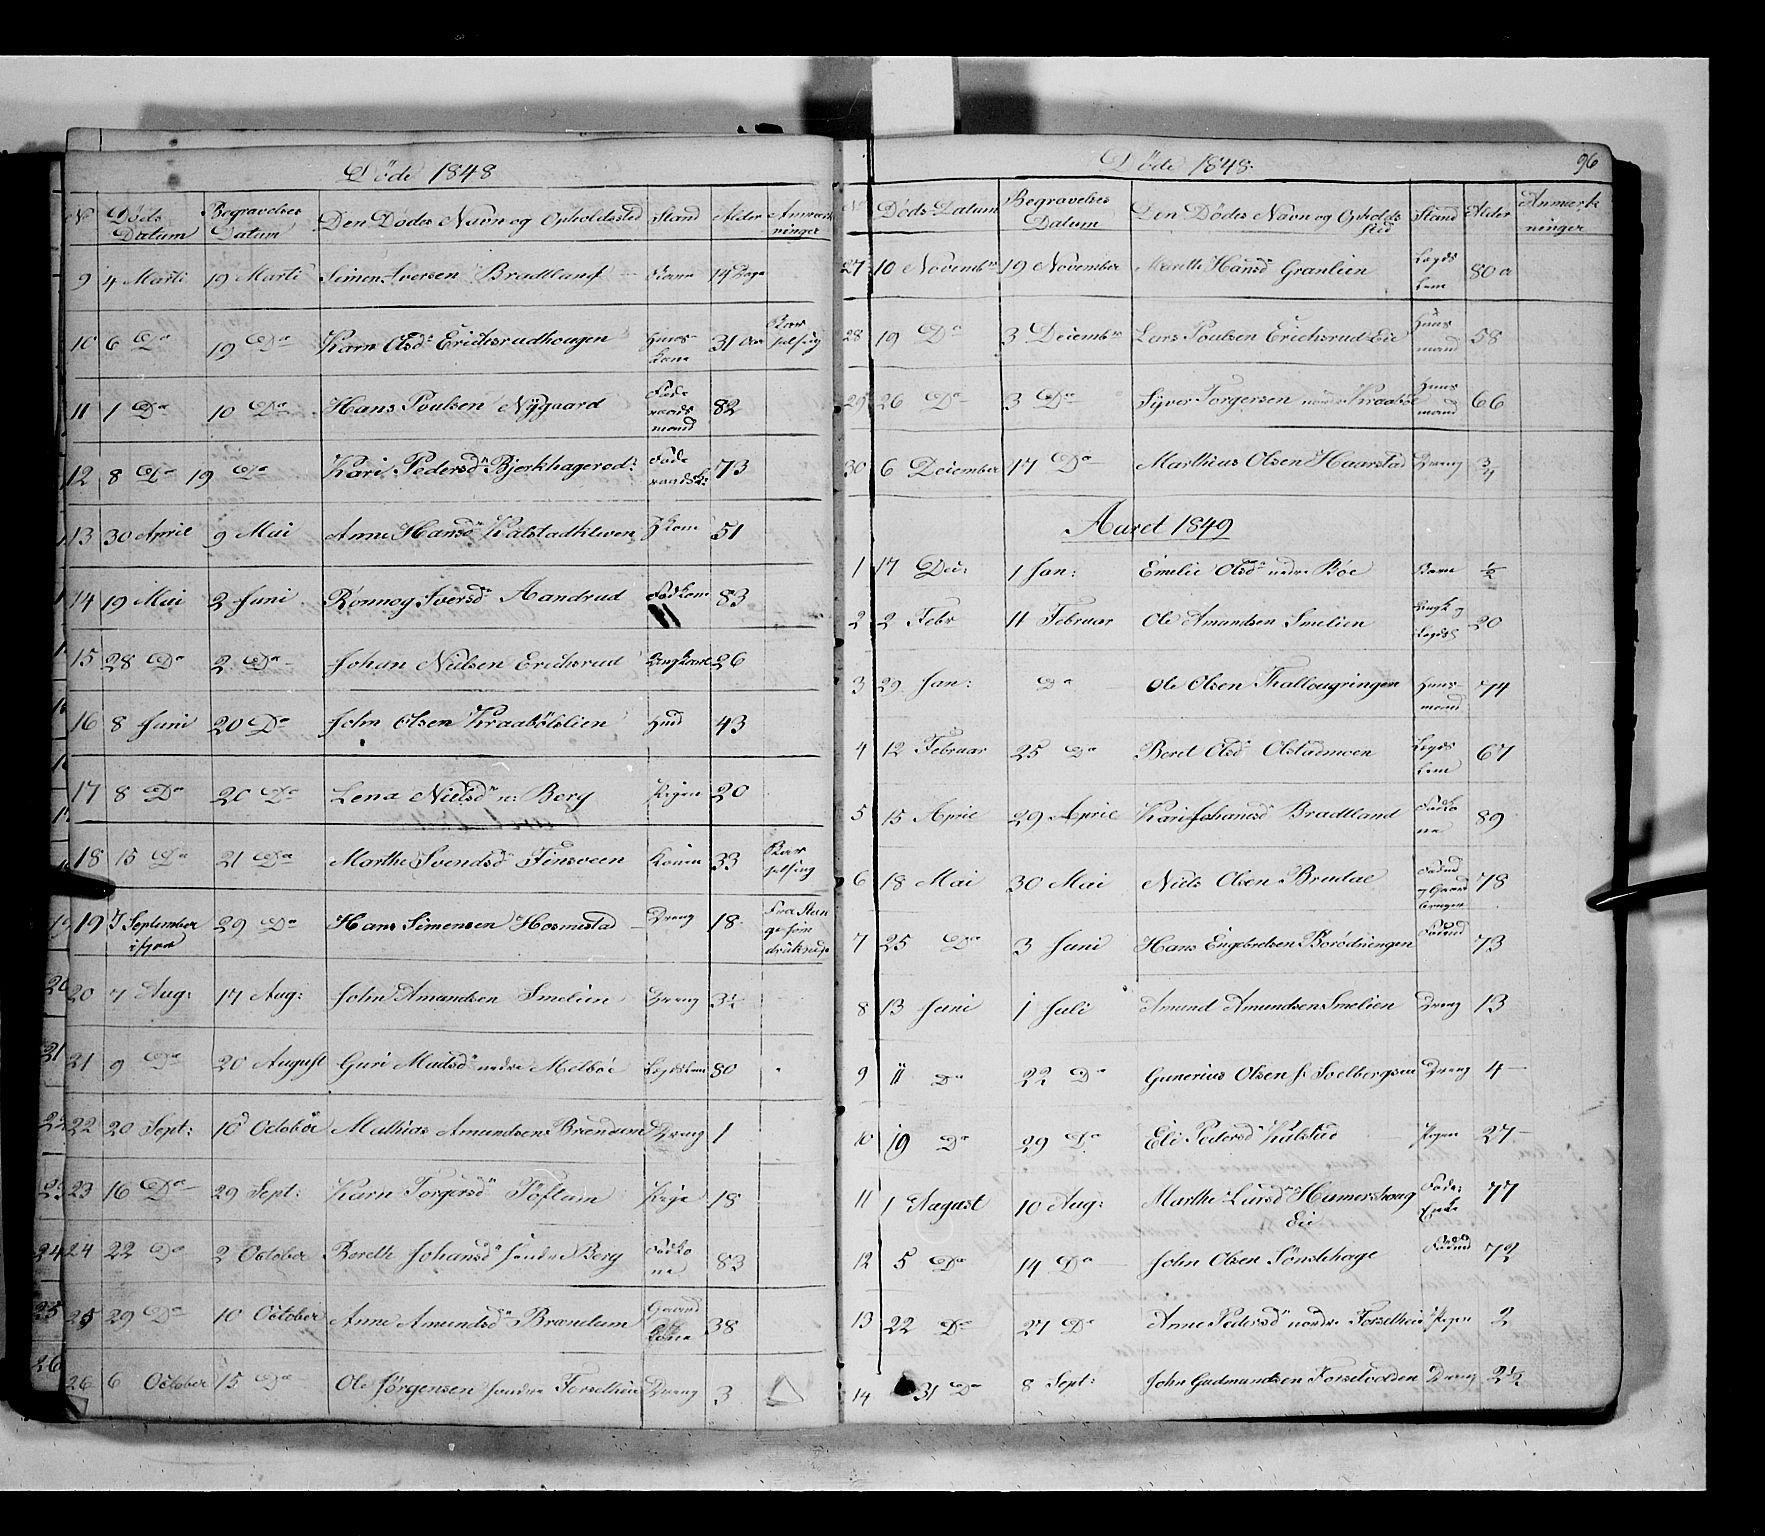 SAH, Gausdal prestekontor, Klokkerbok nr. 5, 1846-1867, s. 96